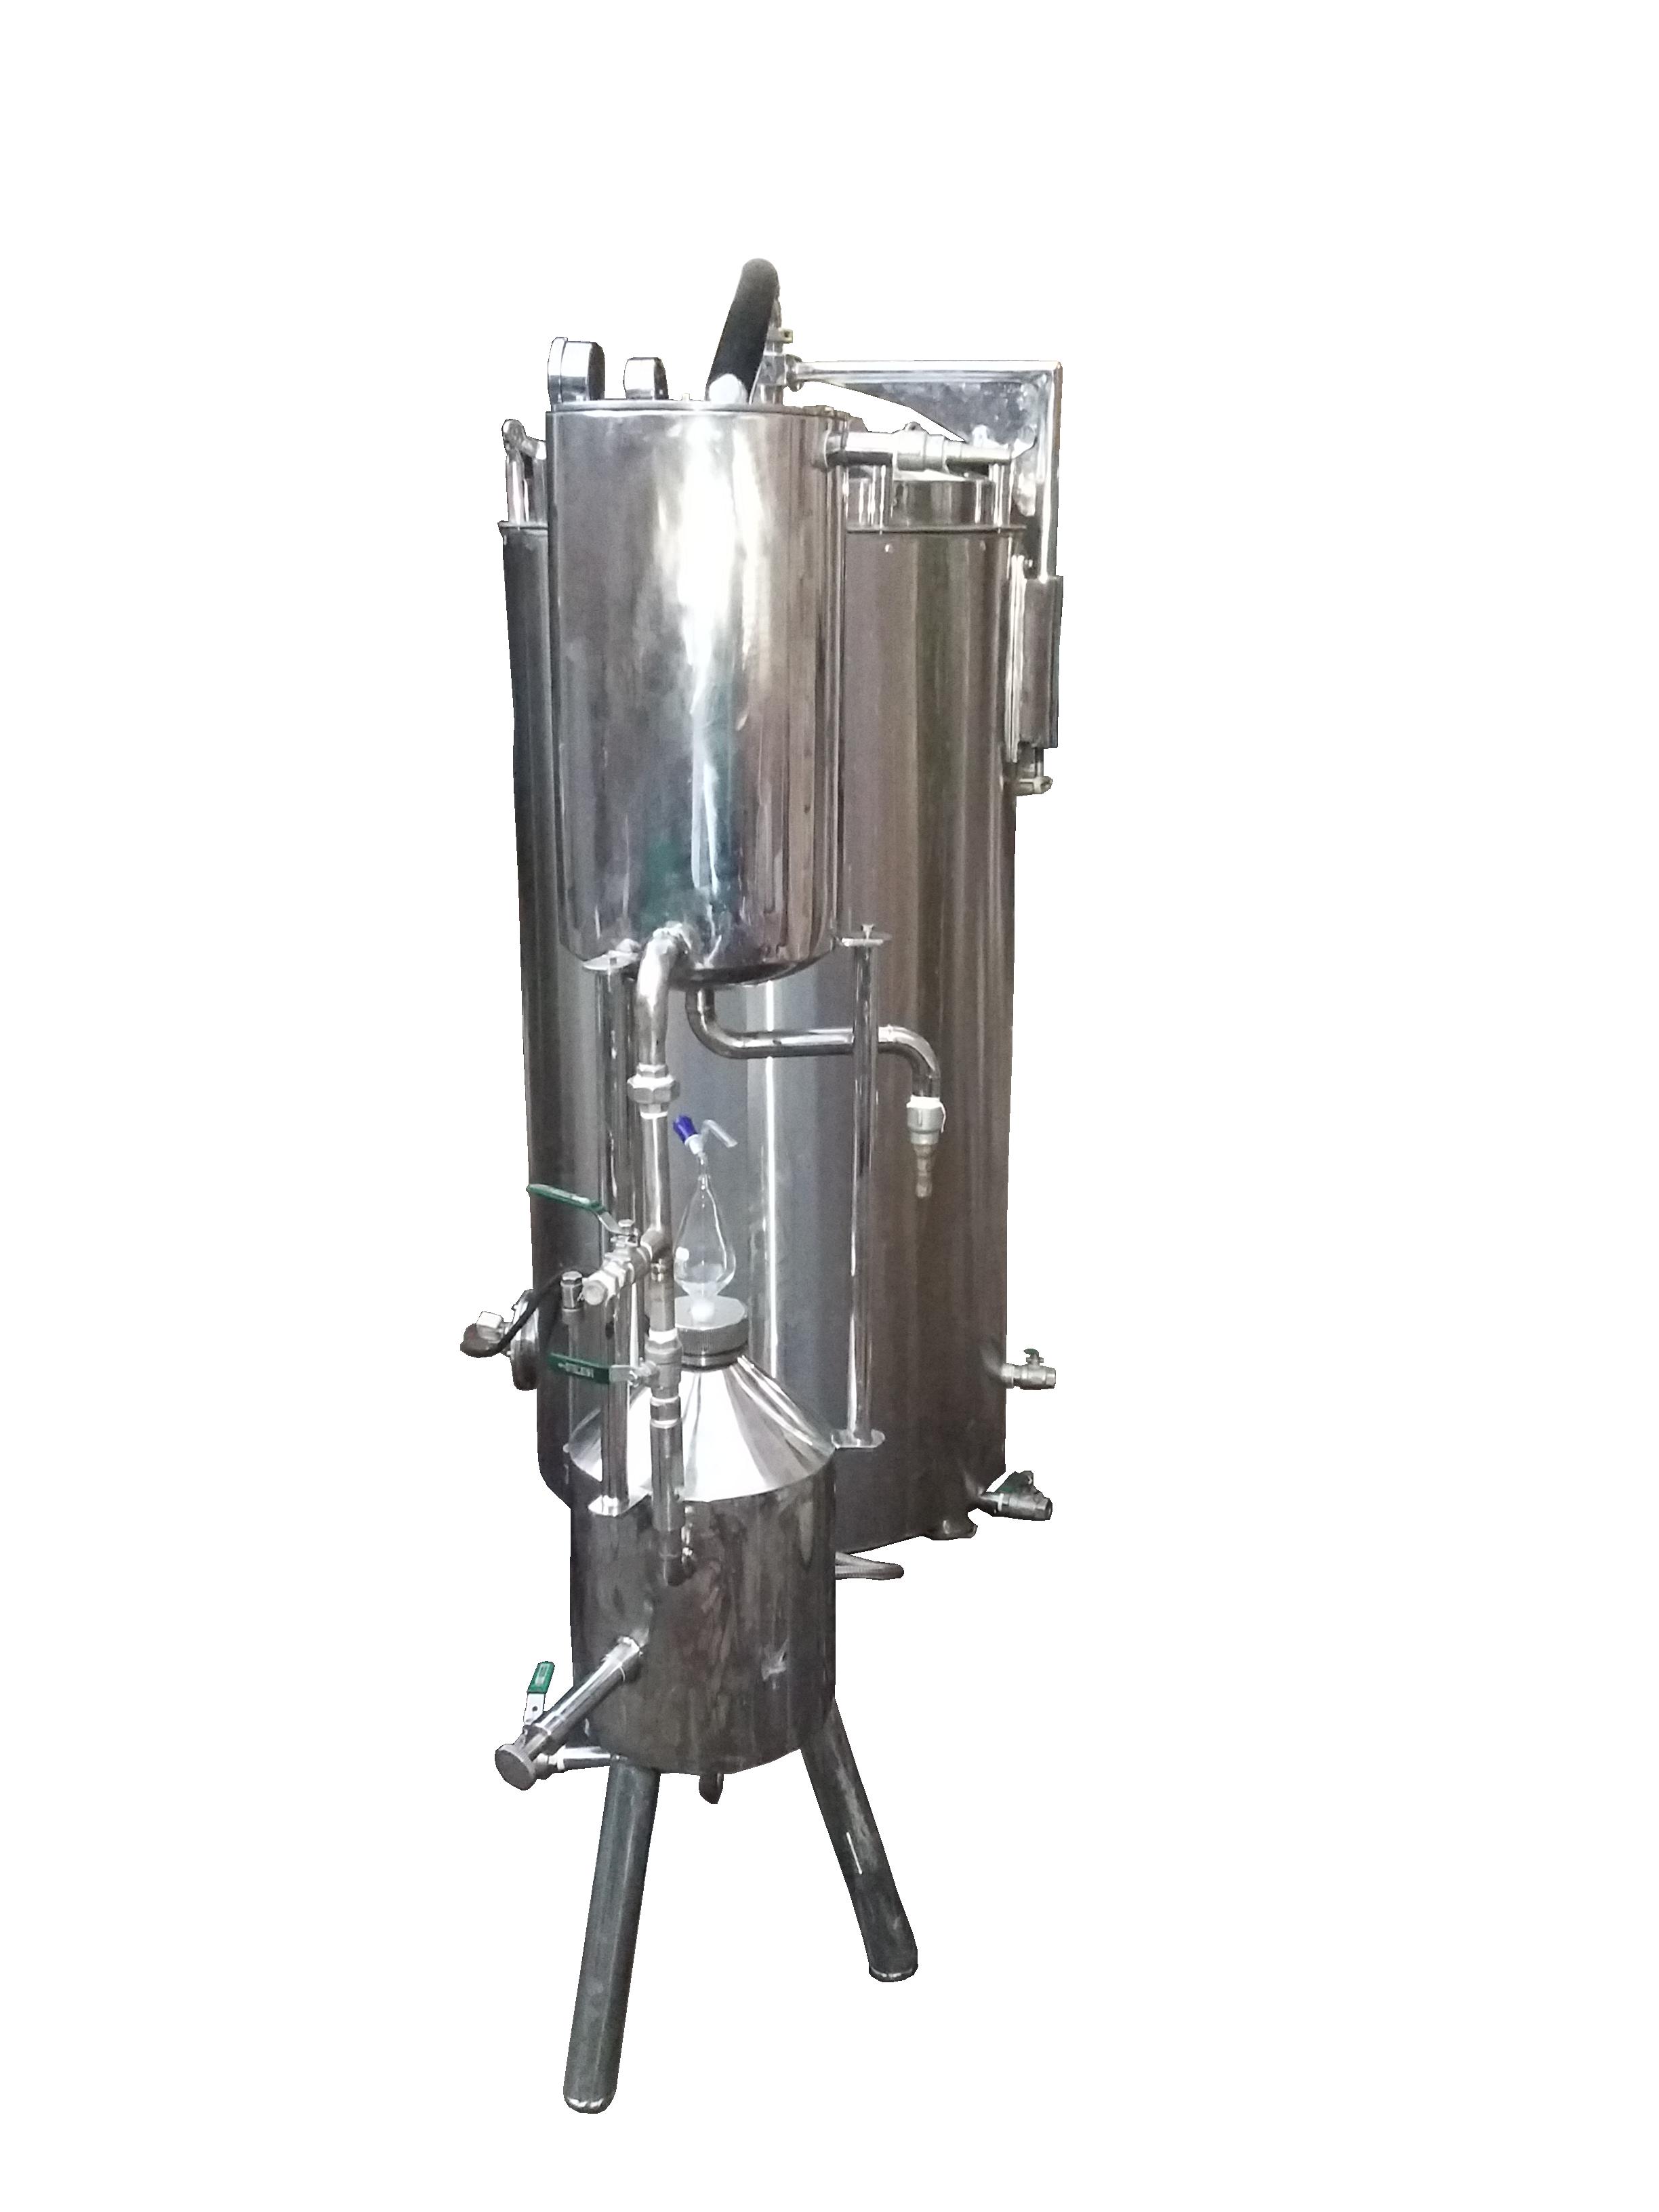 Essential Oil Steam Distilation